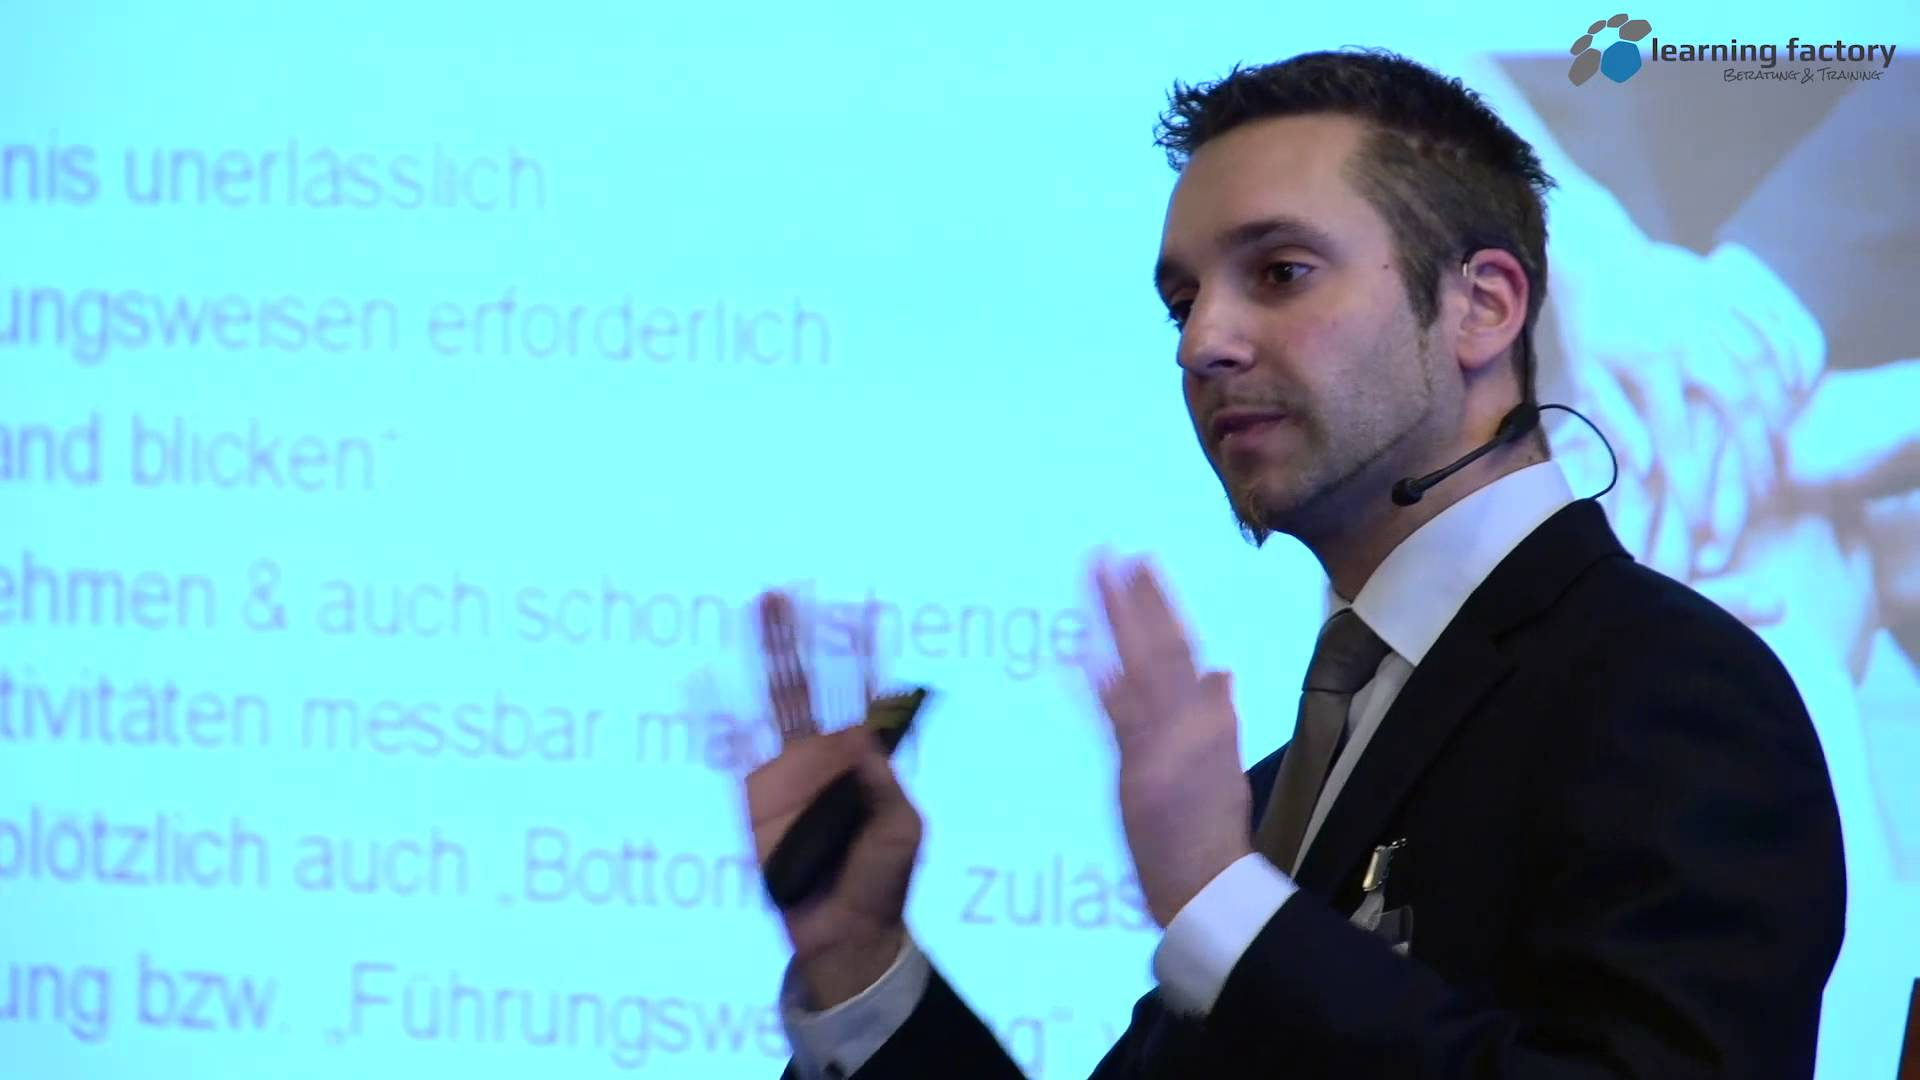 KVP: Scheitern oder Erfolg, ein schmaler Grat Vortrag von Martin Fahrenberger